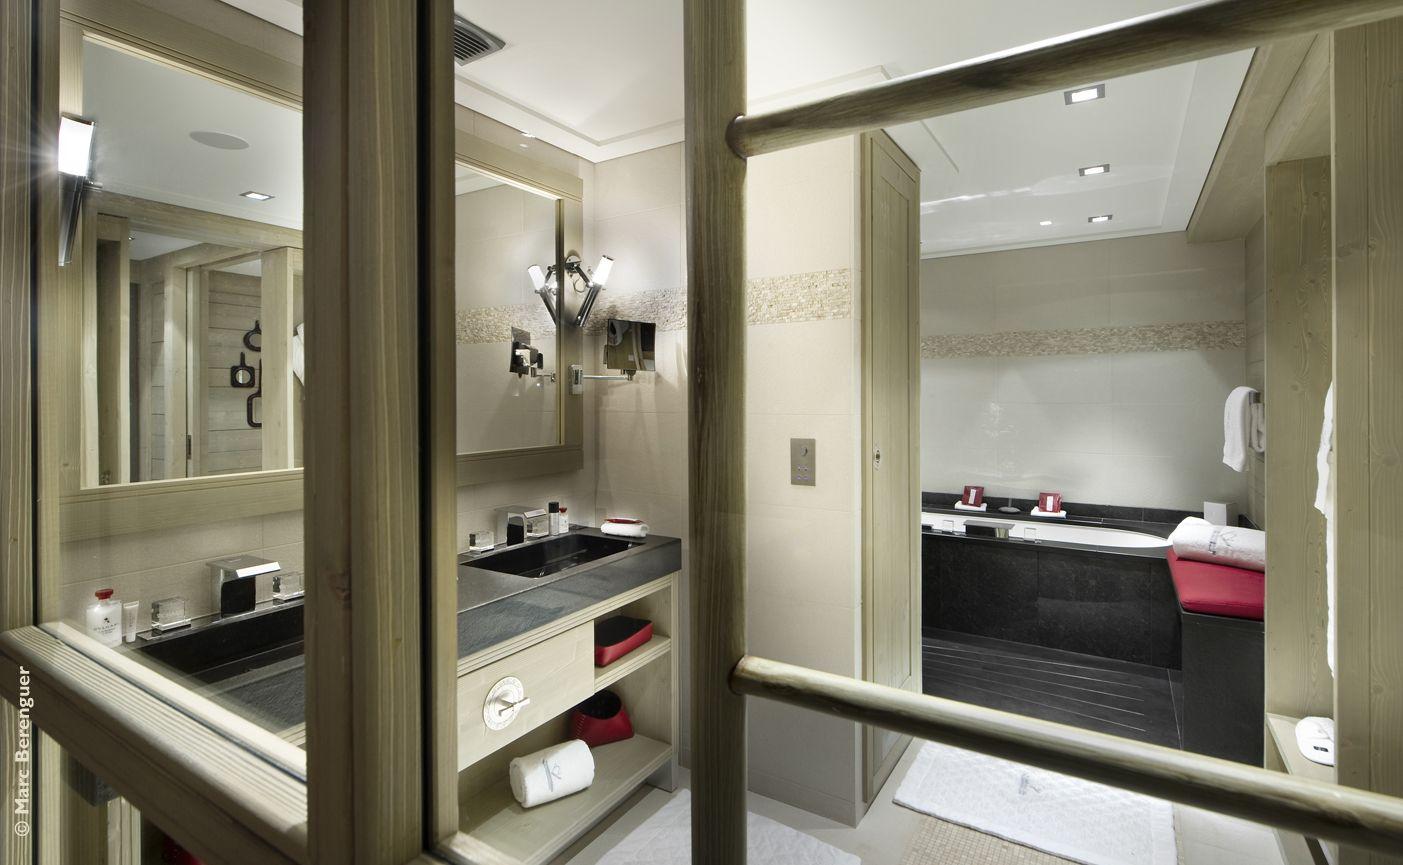 Armatur So. von THG Paris, Hotel K2, Courchevel | THG Paris ...